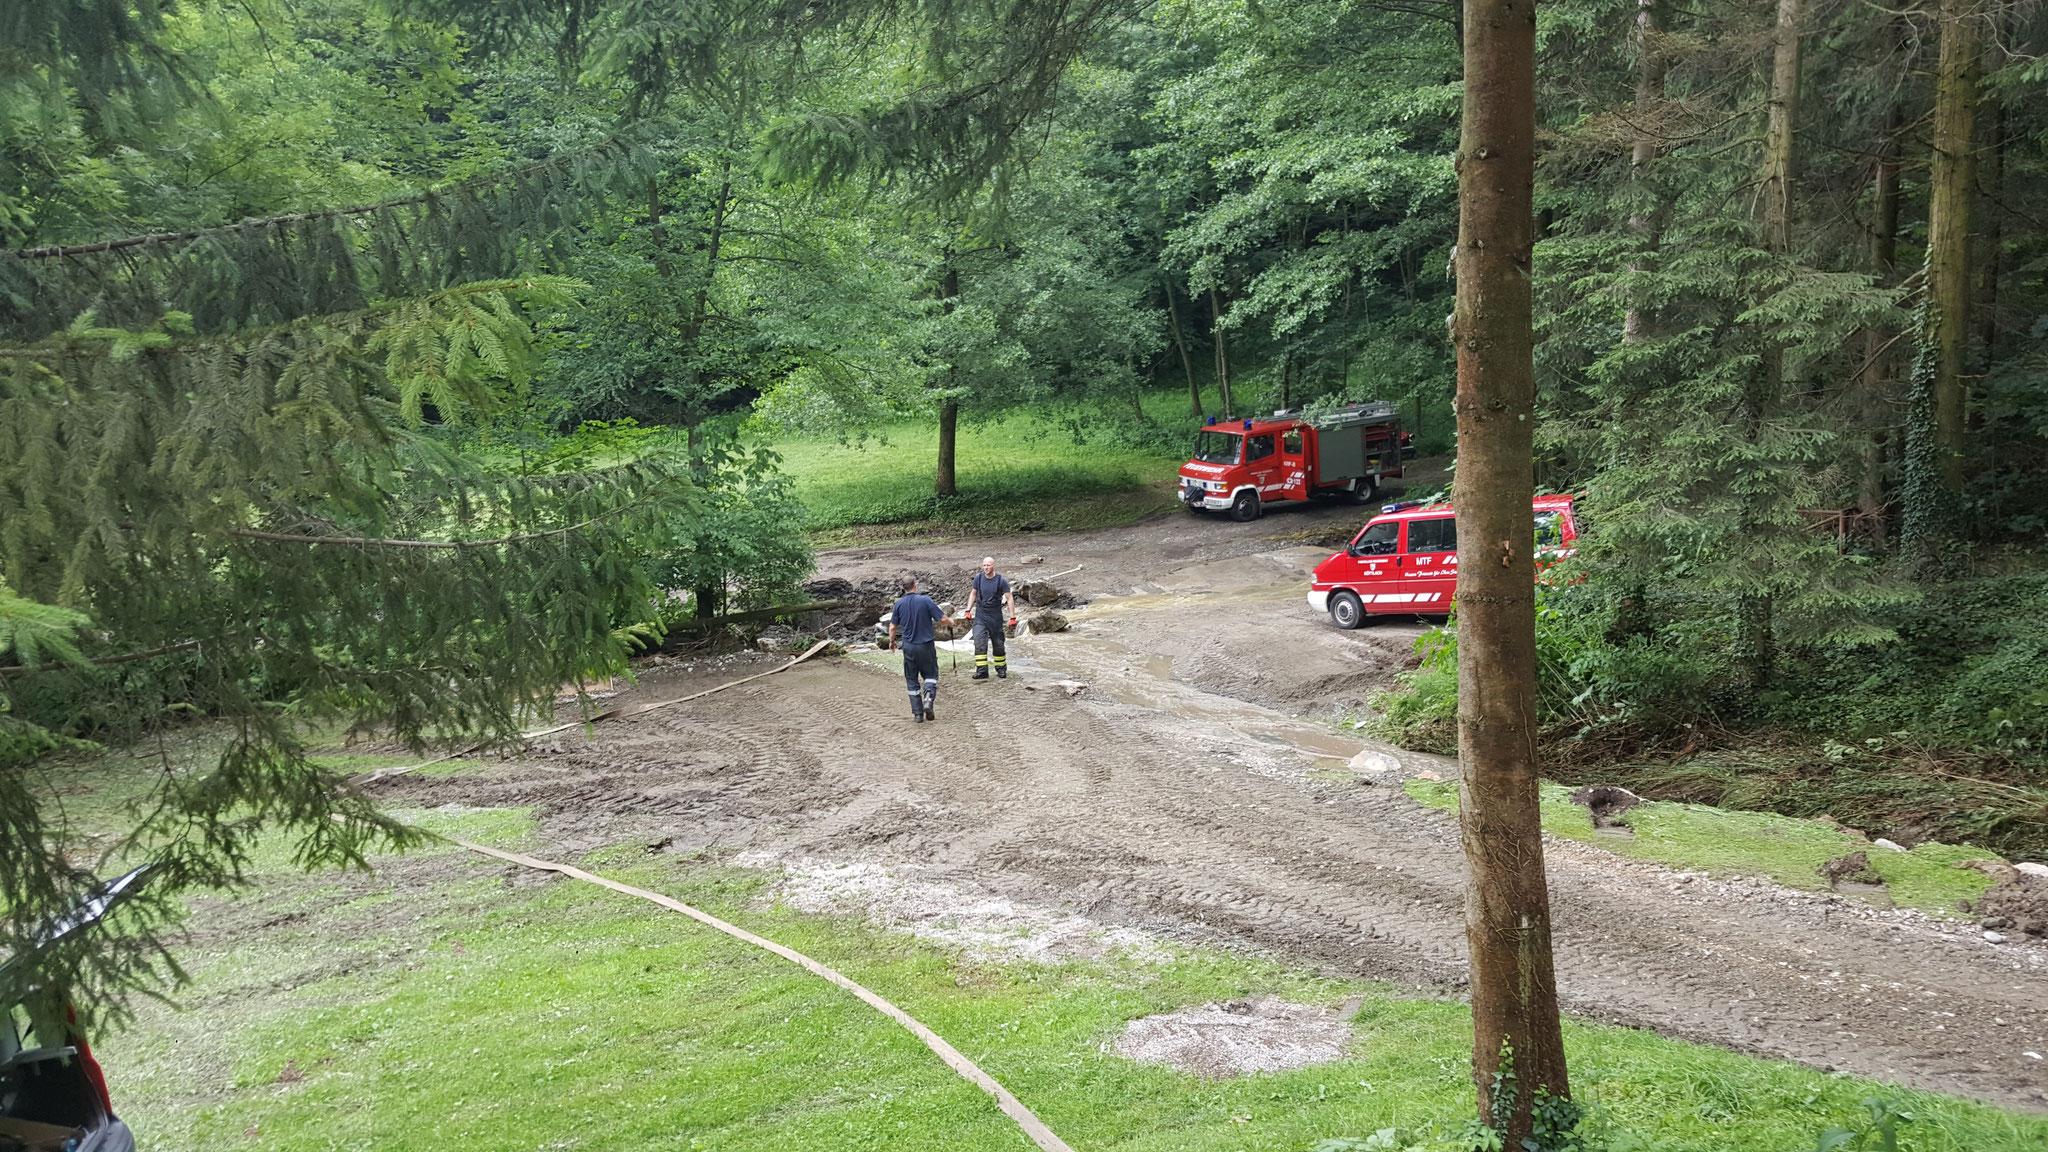 Unwetter am 12.6.2018 - DANKE AN ALLE HELFER FÜR DIE RASCHE HILFE INSBESONDERS DER FF KÖTTLACH